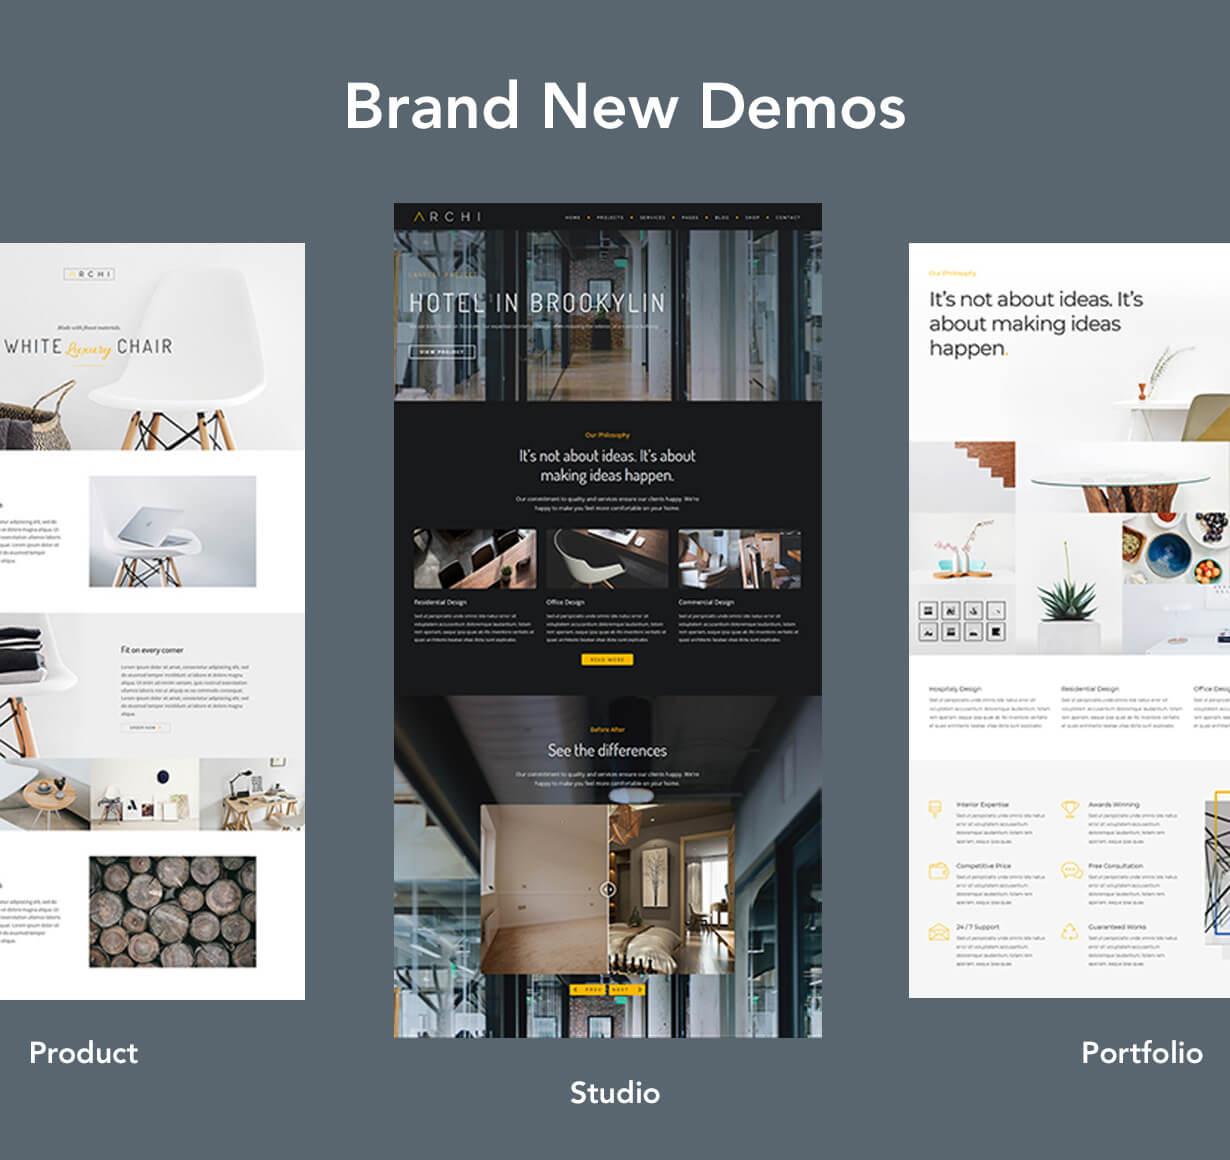 现代多用途室内设计风格WordPress主题模板 Archi – Interior Design WordPress Theme插图(4)